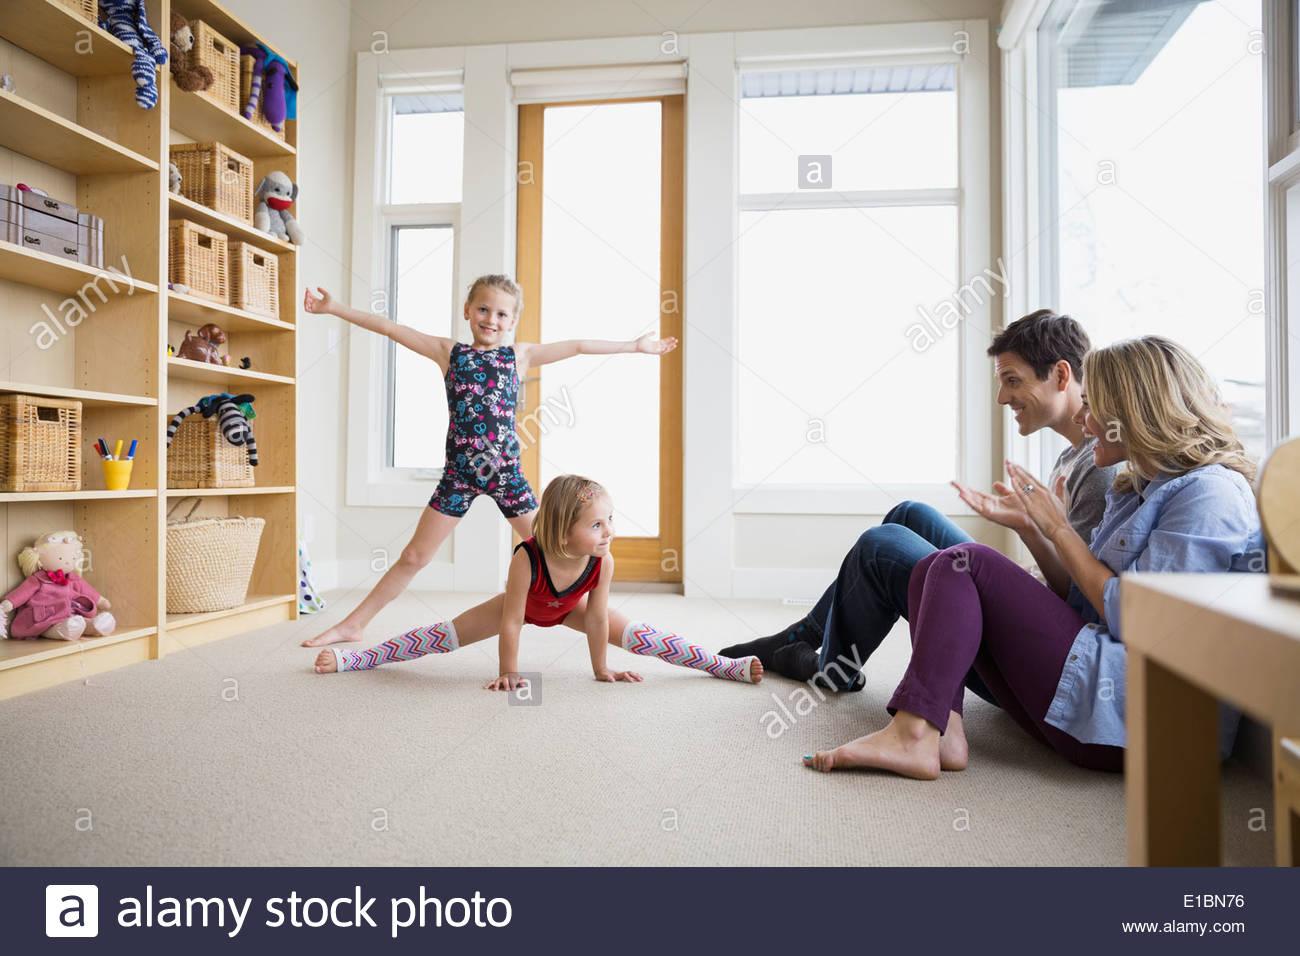 I genitori a guardare le figlie dance in salotto Immagini Stock